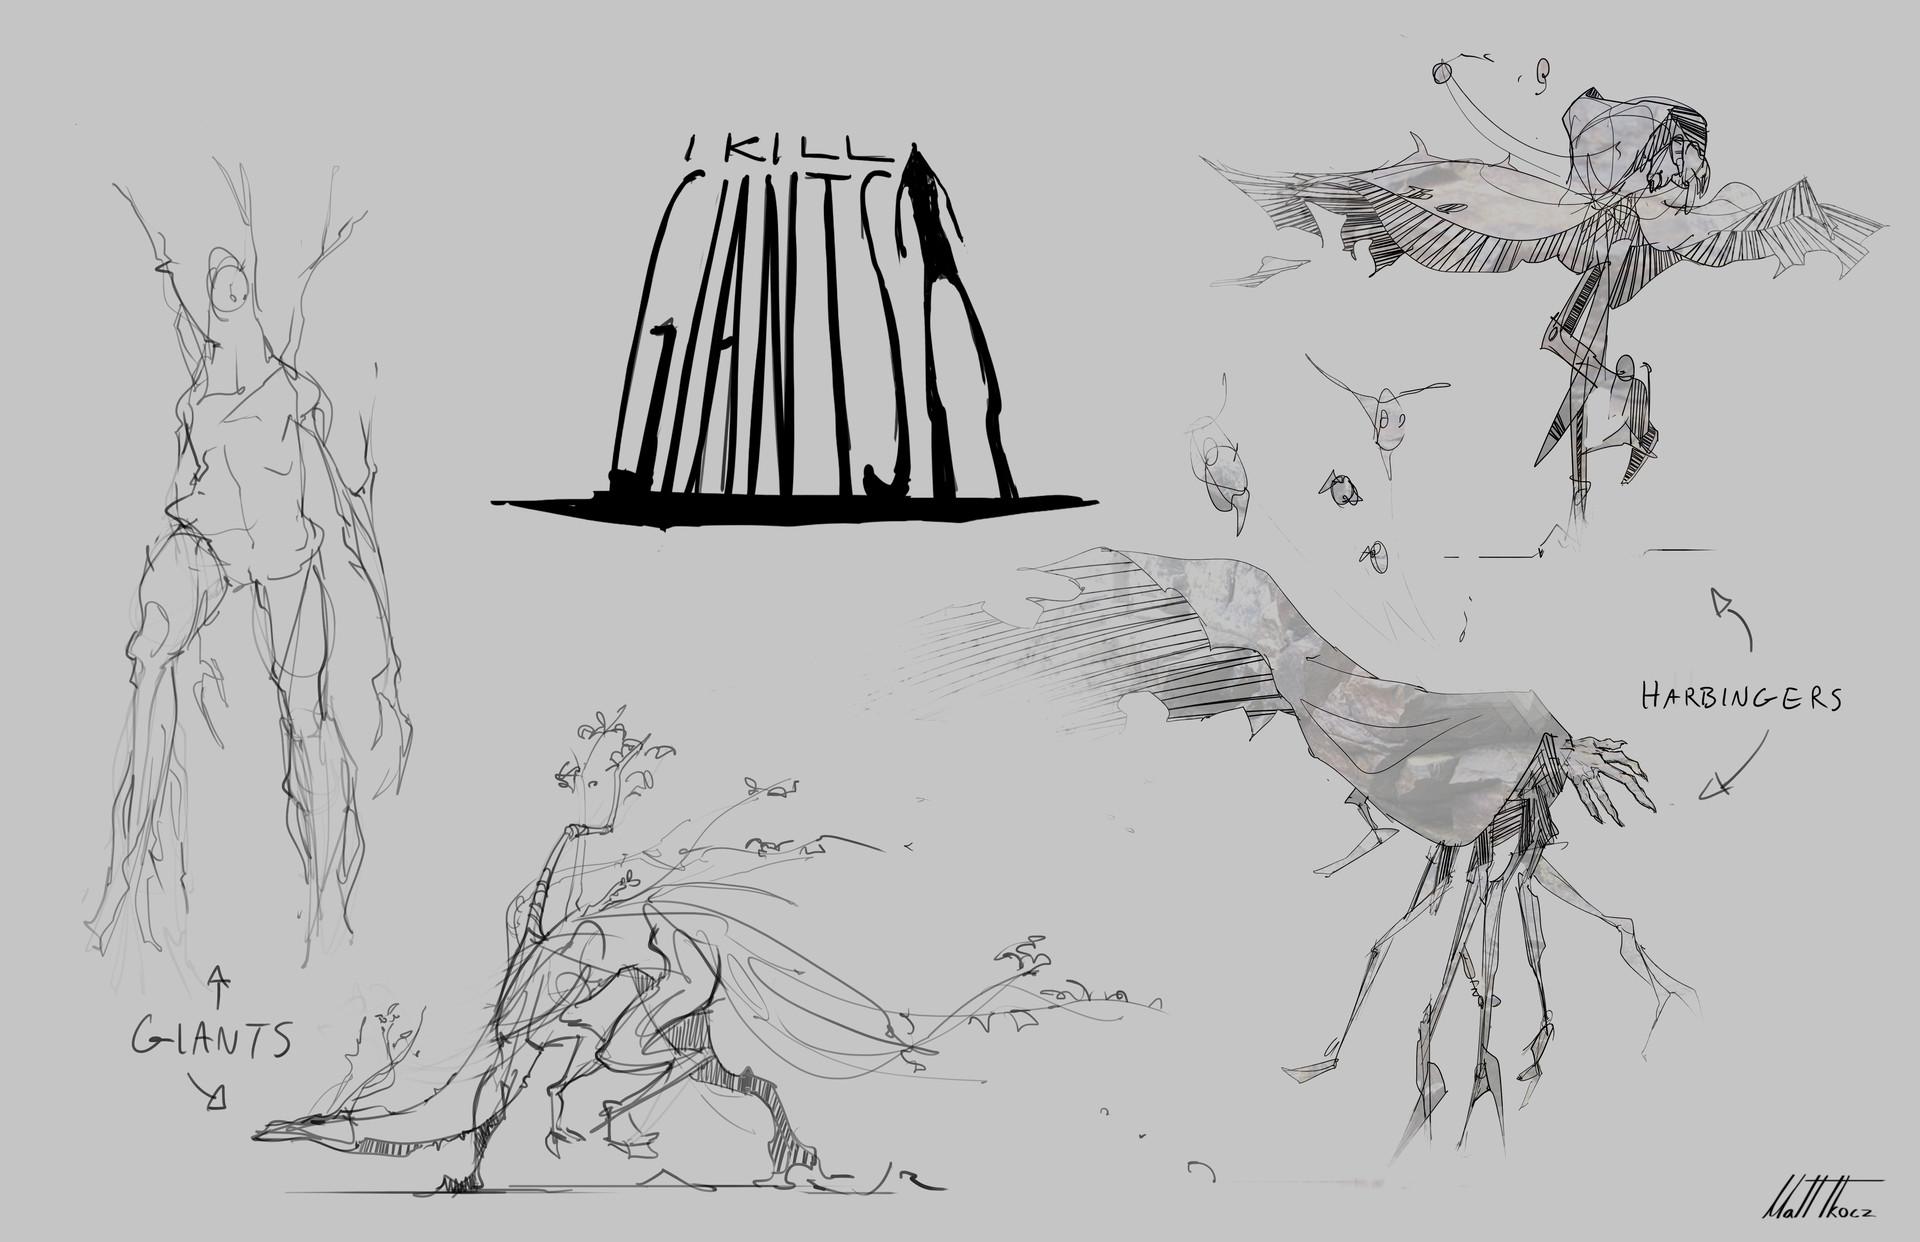 Matt tkocz harbingers sketches